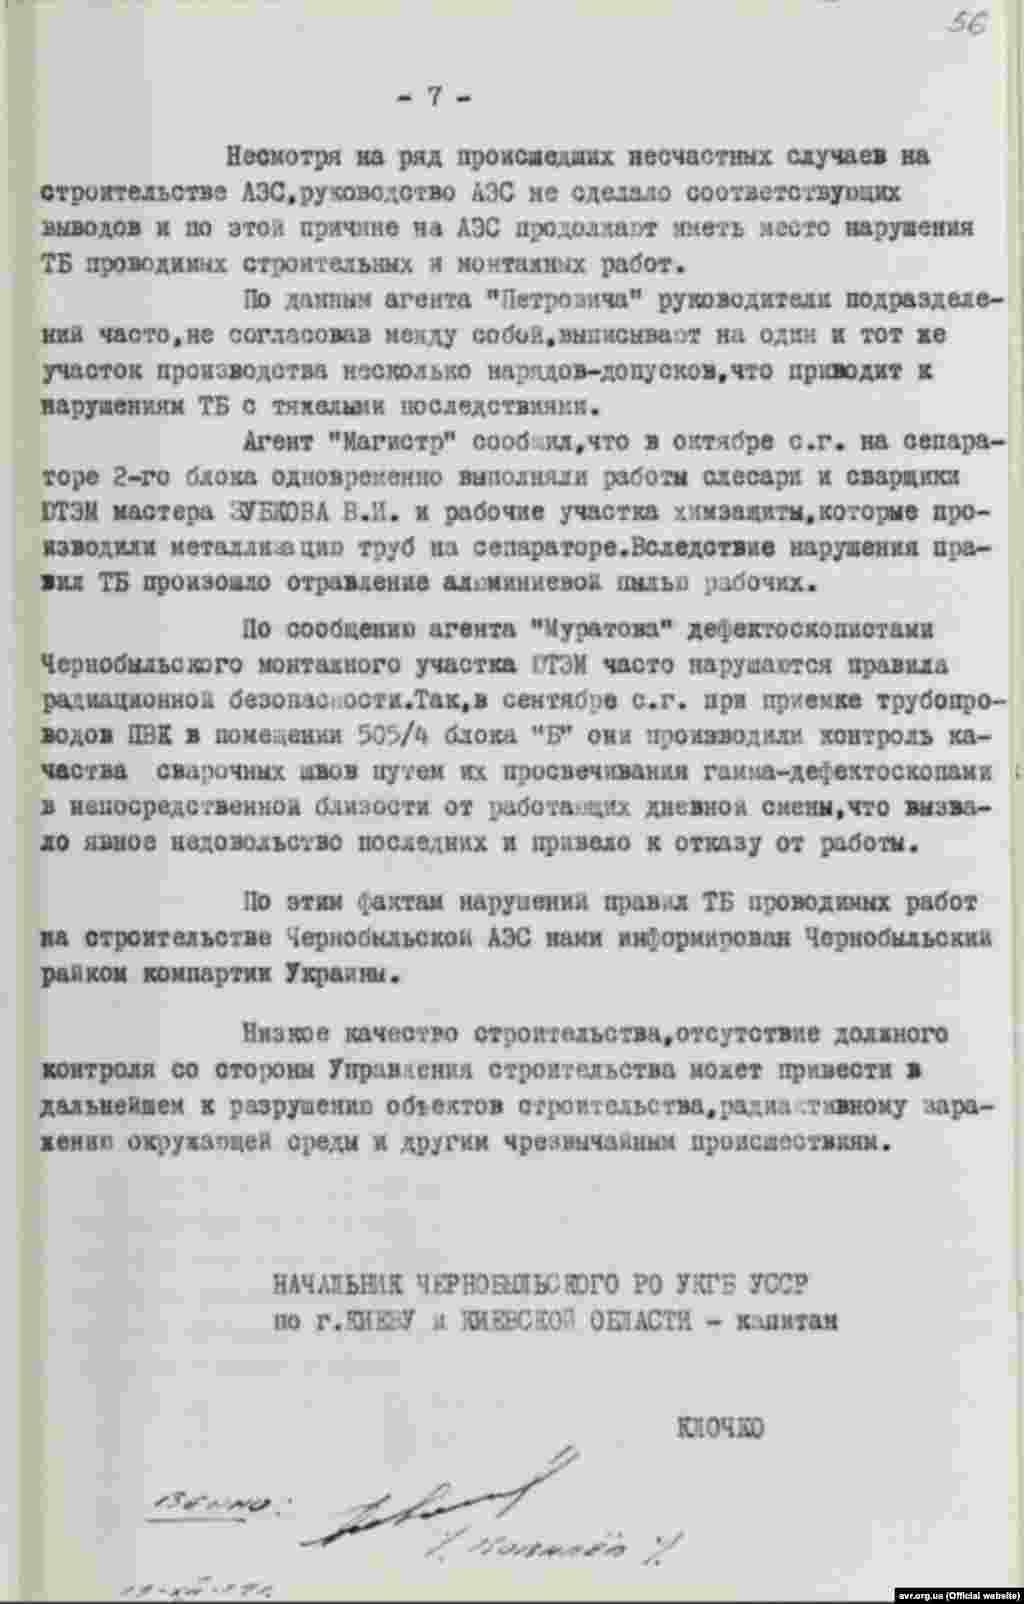 Начальник Чорнобильського РВ УКДБ УРСР в м.Київ і Київській області Клочко про порушення на ЧАЕС